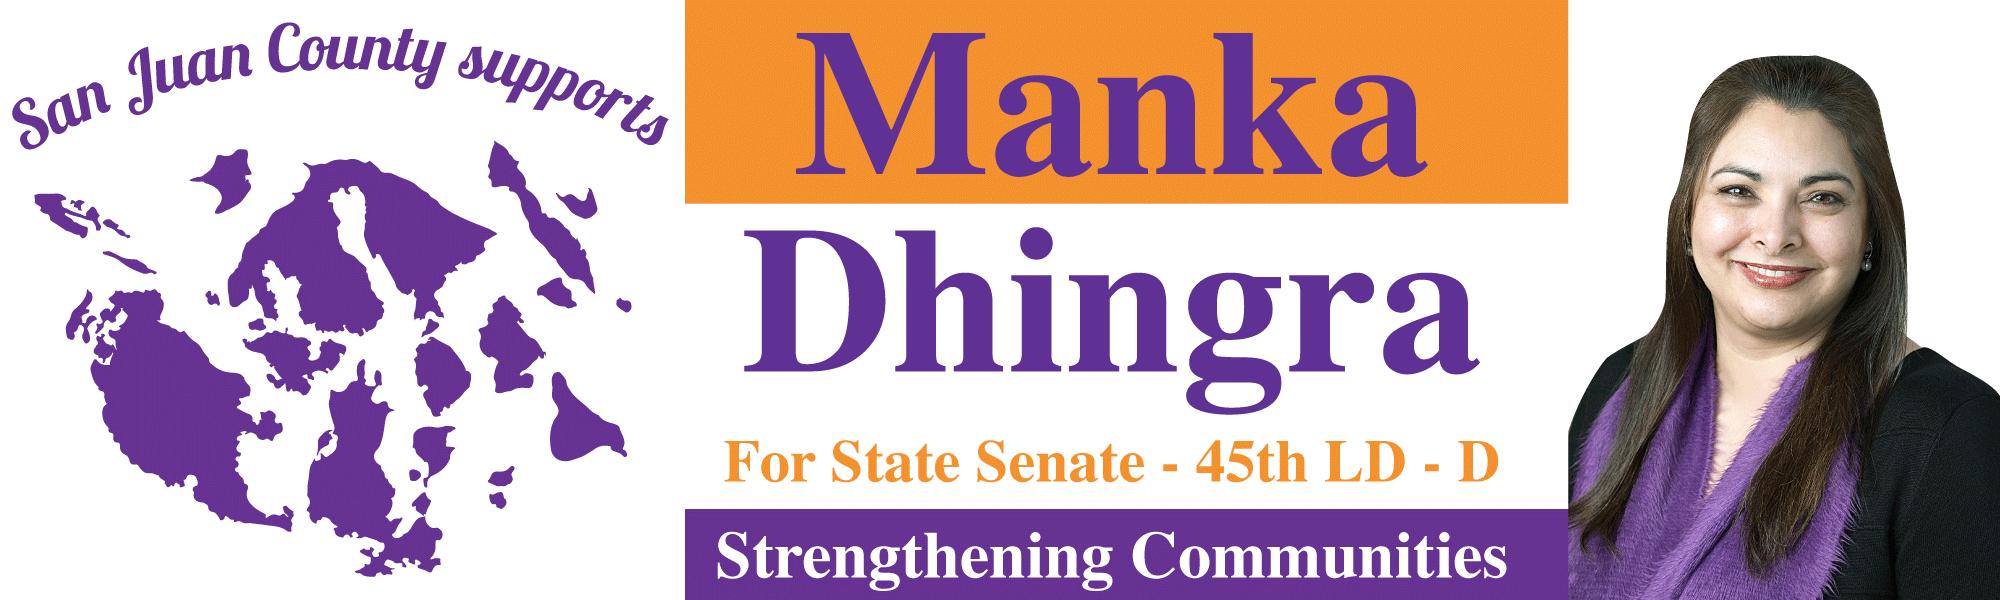 SJC-Support-Manka.png